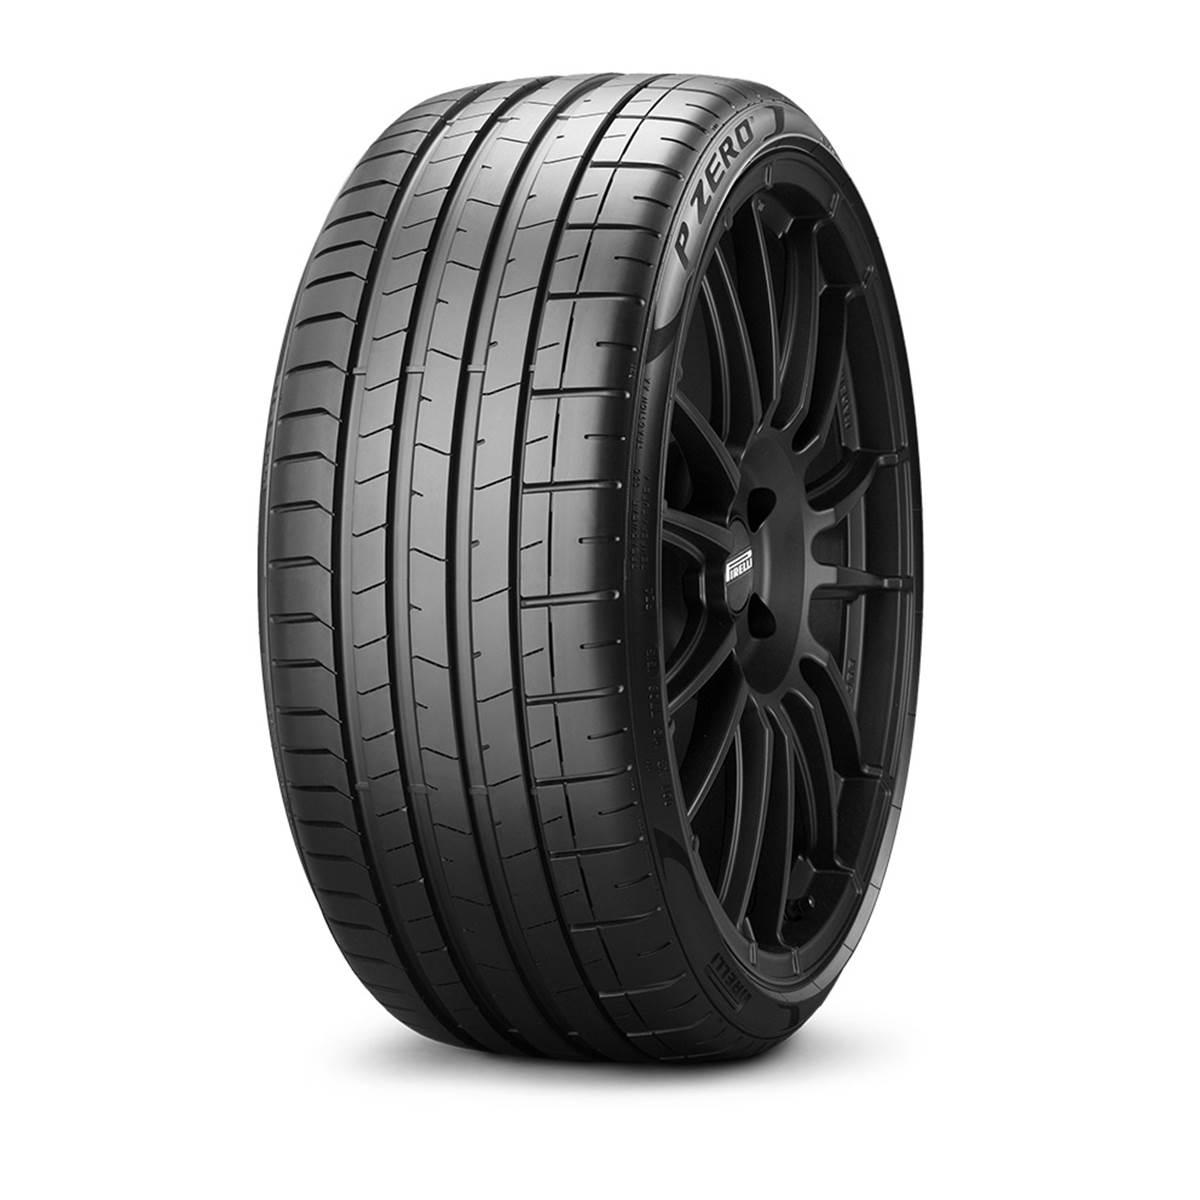 Pneu Pirelli 265/40R21 105Y Pzero XL